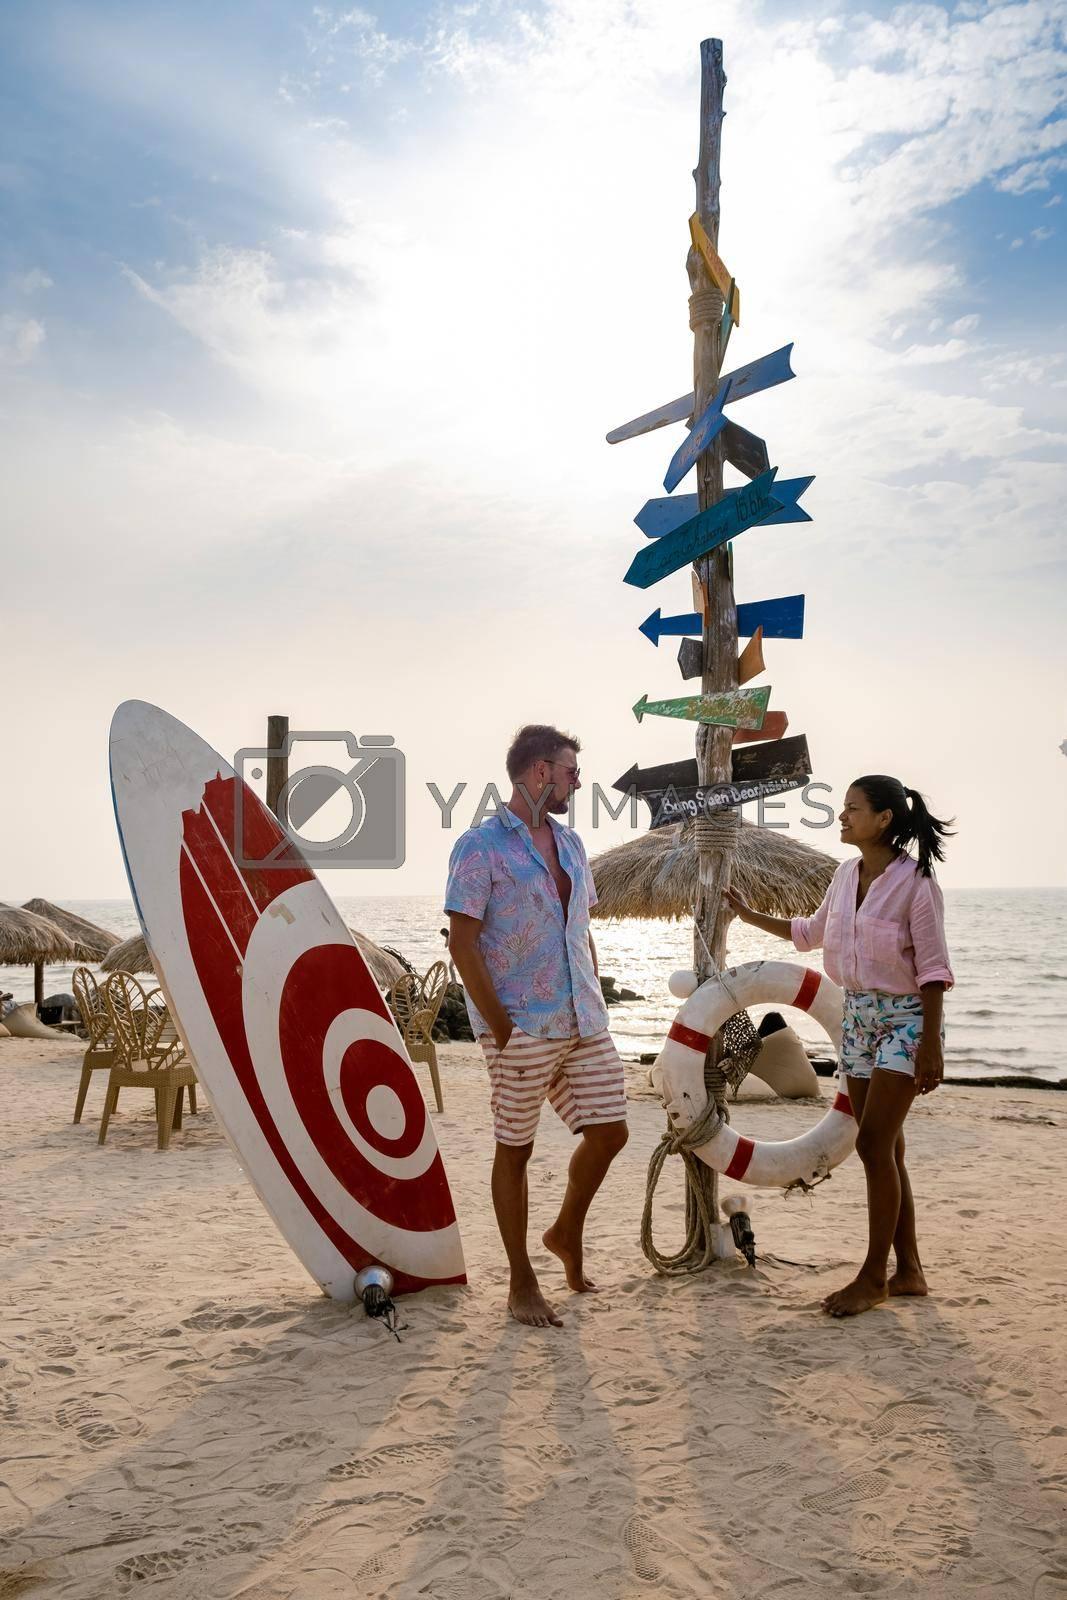 Bangsaen Chonburi Thailand beautiful beach club seafood beach club Bangsaen, people relax on the beach Chon Buri Thailand